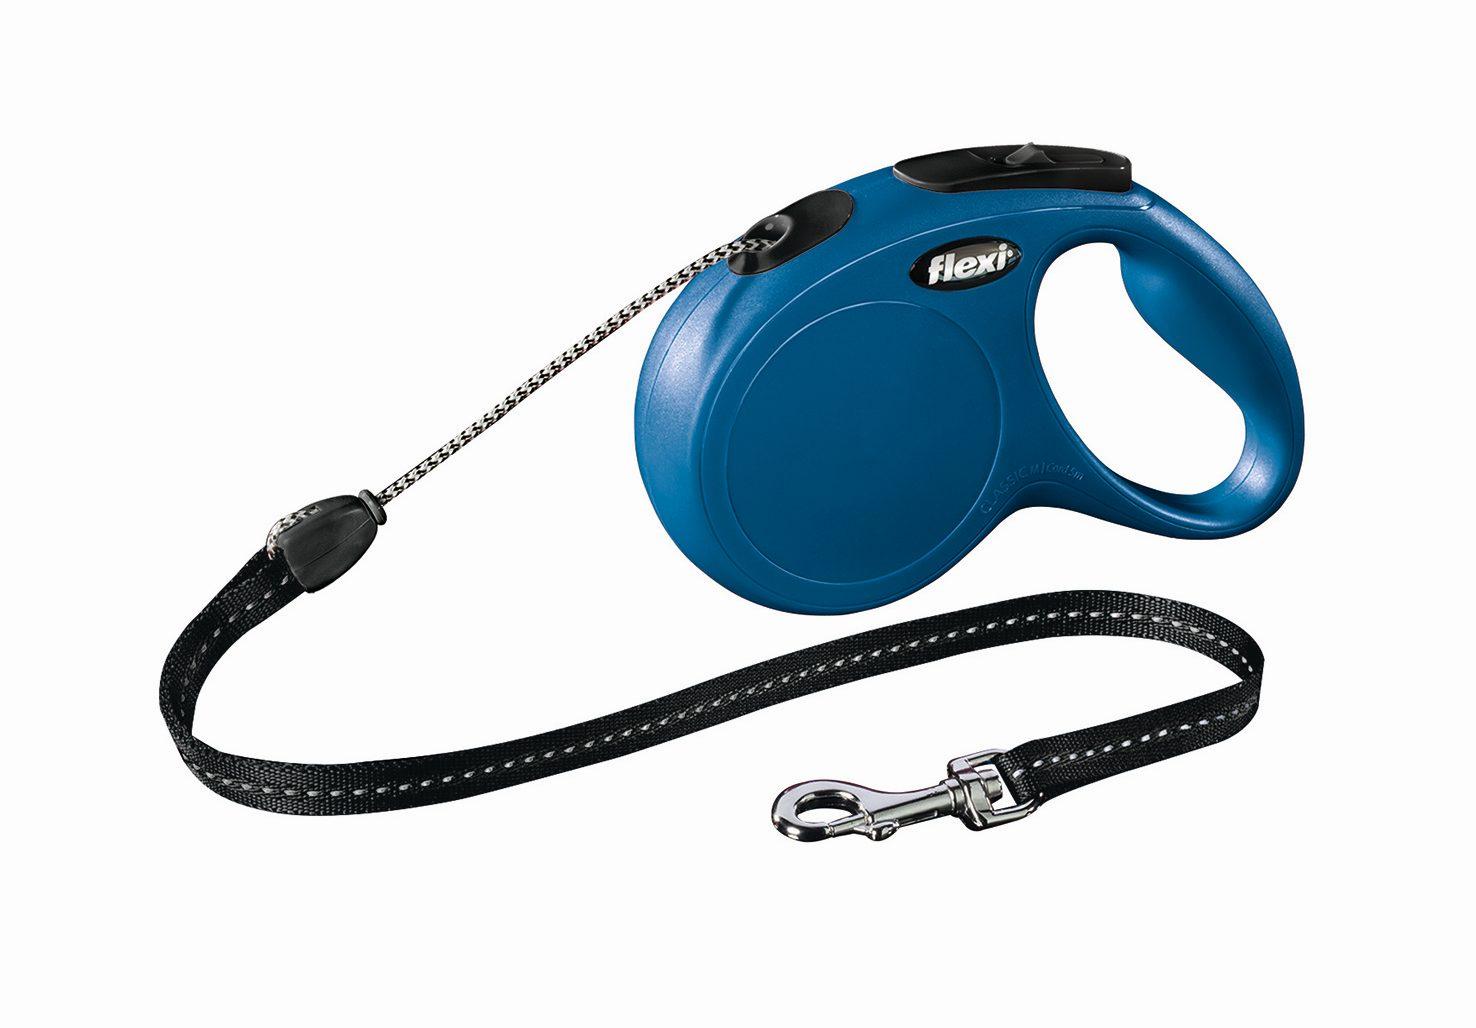 Поводок-рулетка Flexi Classic Long M для собак до 20 кг, цвет: синий, 8 м0120710Поводок-рулетка Flexi Classic Long M изготовлен из пластика и нейлона. Подходит для собак весом до 20 кг. Тросовый поводок обеспечивает каждой собаке свободу движения, что идет на пользу здоровью и радует вашего четвероногого друга. Рулетка очень проста в использовании. Она оснащена кнопками кратковременной и постоянной фиксации. Ее можно оснастить мультибоксом для лакомств или пакетиков для сбора фекалий, LED подсветкой корпуса, своркой или ремнем с LED подсветкой. Поводок имеет прочный корпус, хромированную застежку и светоотражающие элементы.Длина поводка: 8 м. Максимальная нагрузка: 20 кг.Товар сертифицирован.